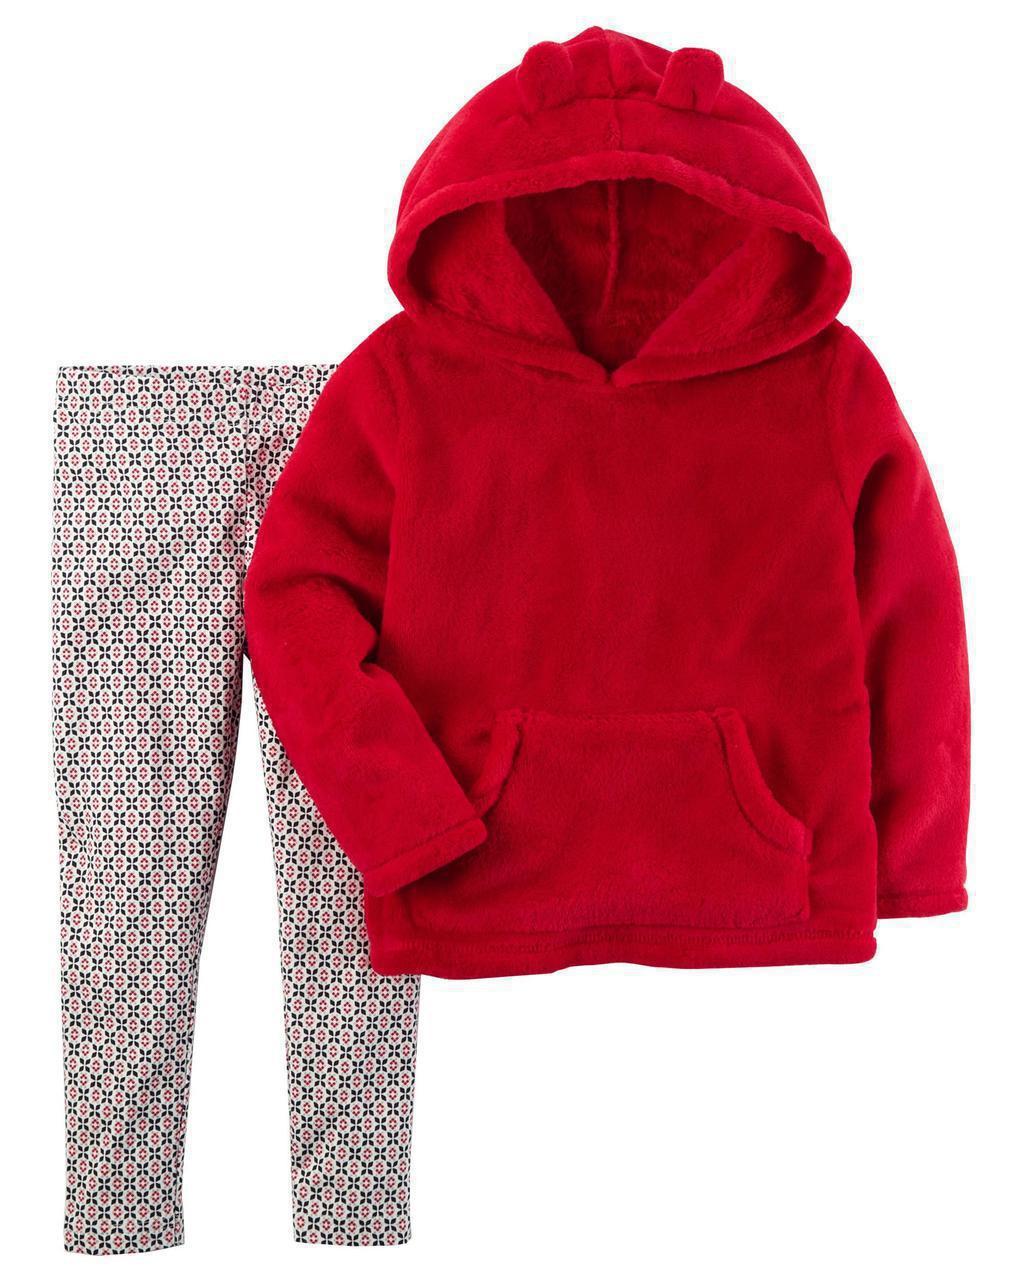 Леггинсы + Теплый пуловер Carters для девочки 3 мес 55-61 см. Набор из 2-х частей